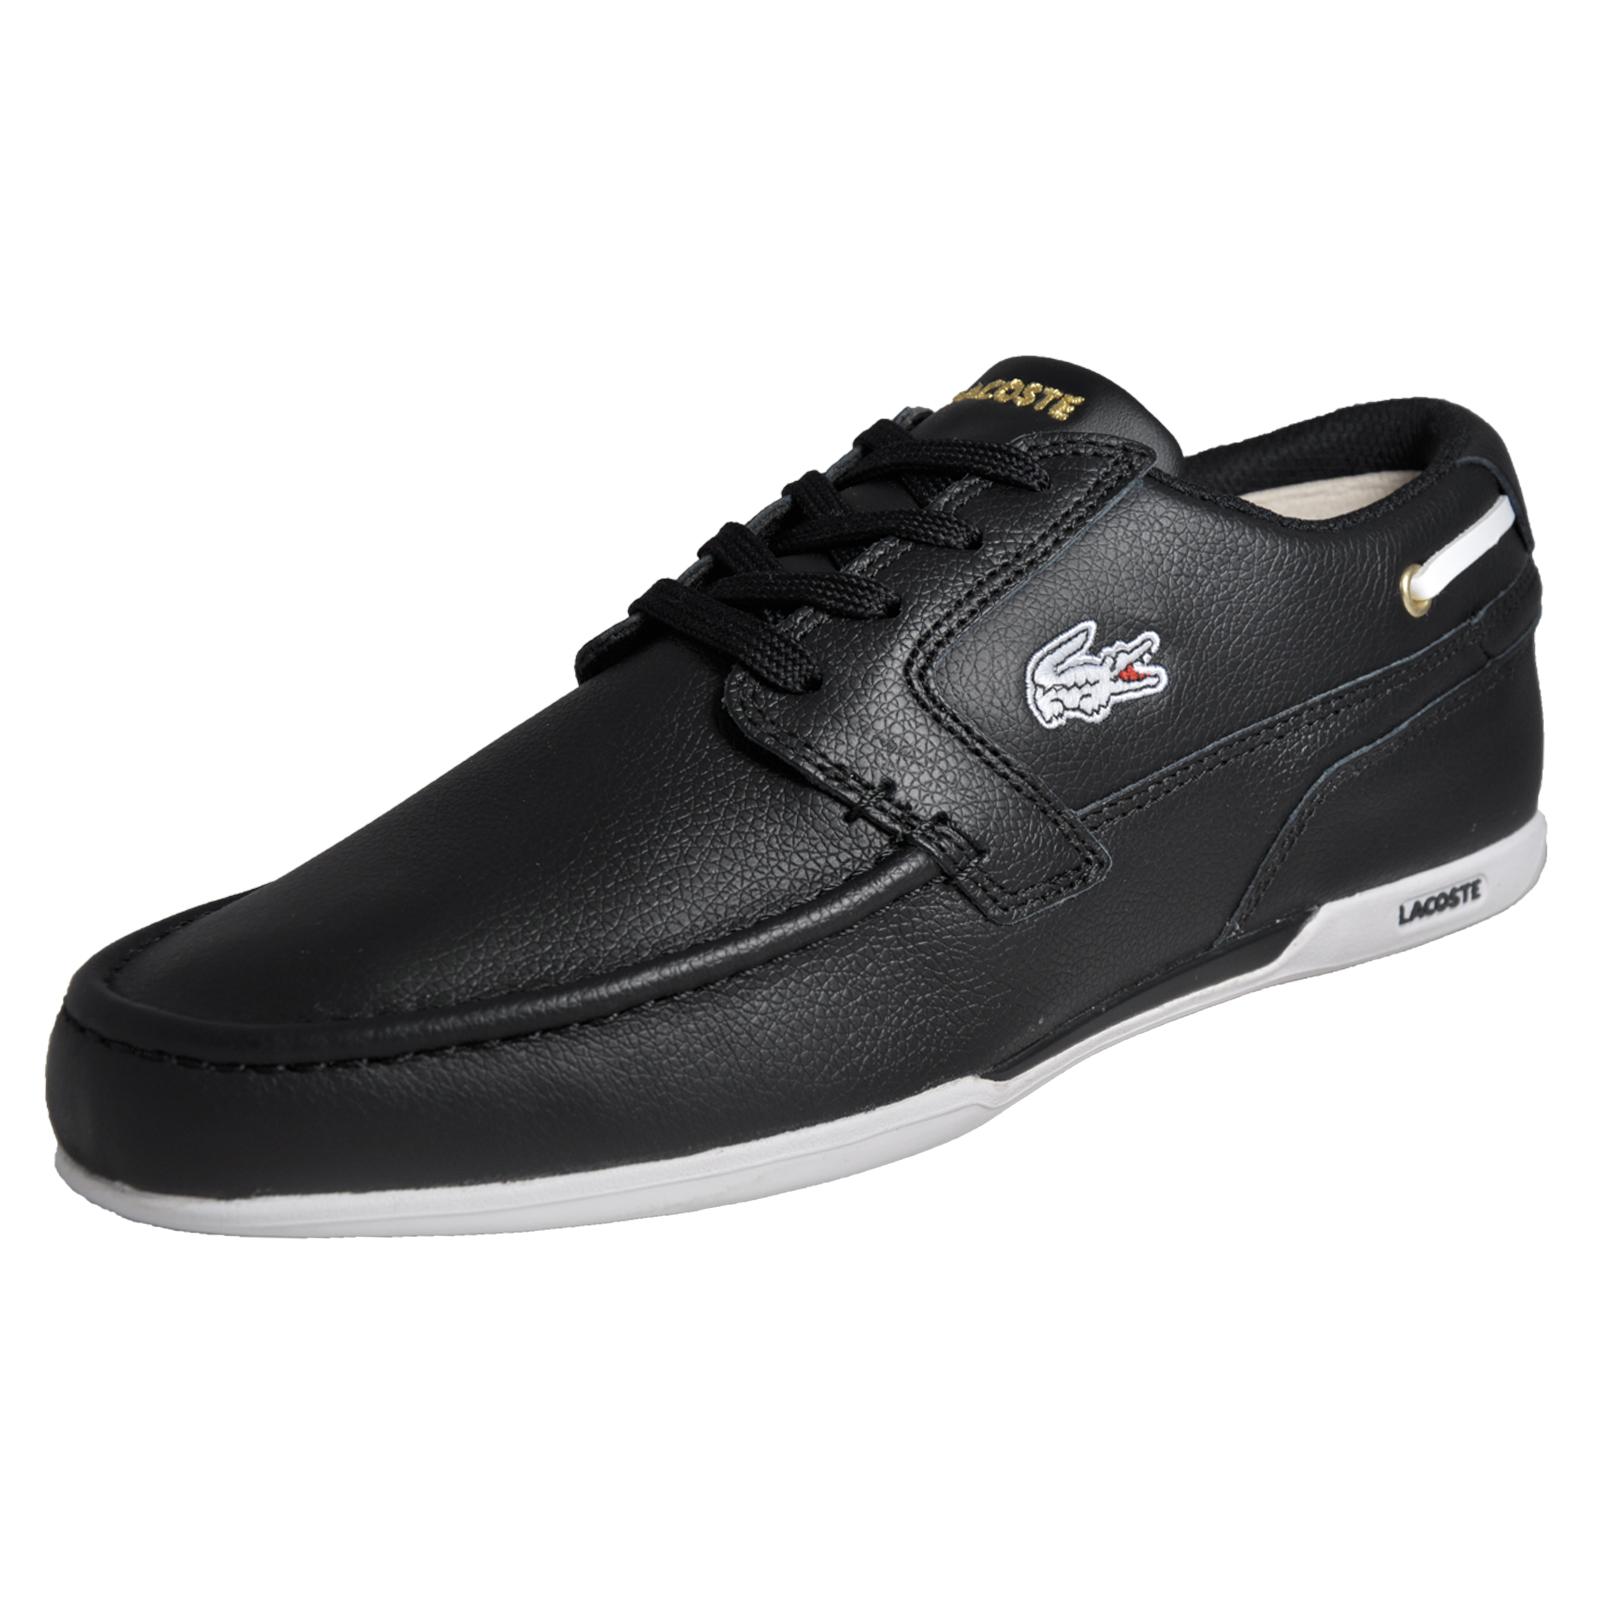 781a588125646d Details about Lacoste Dreyfus AP Mens Classic Casual Designer Leather Deck  Shoes Black